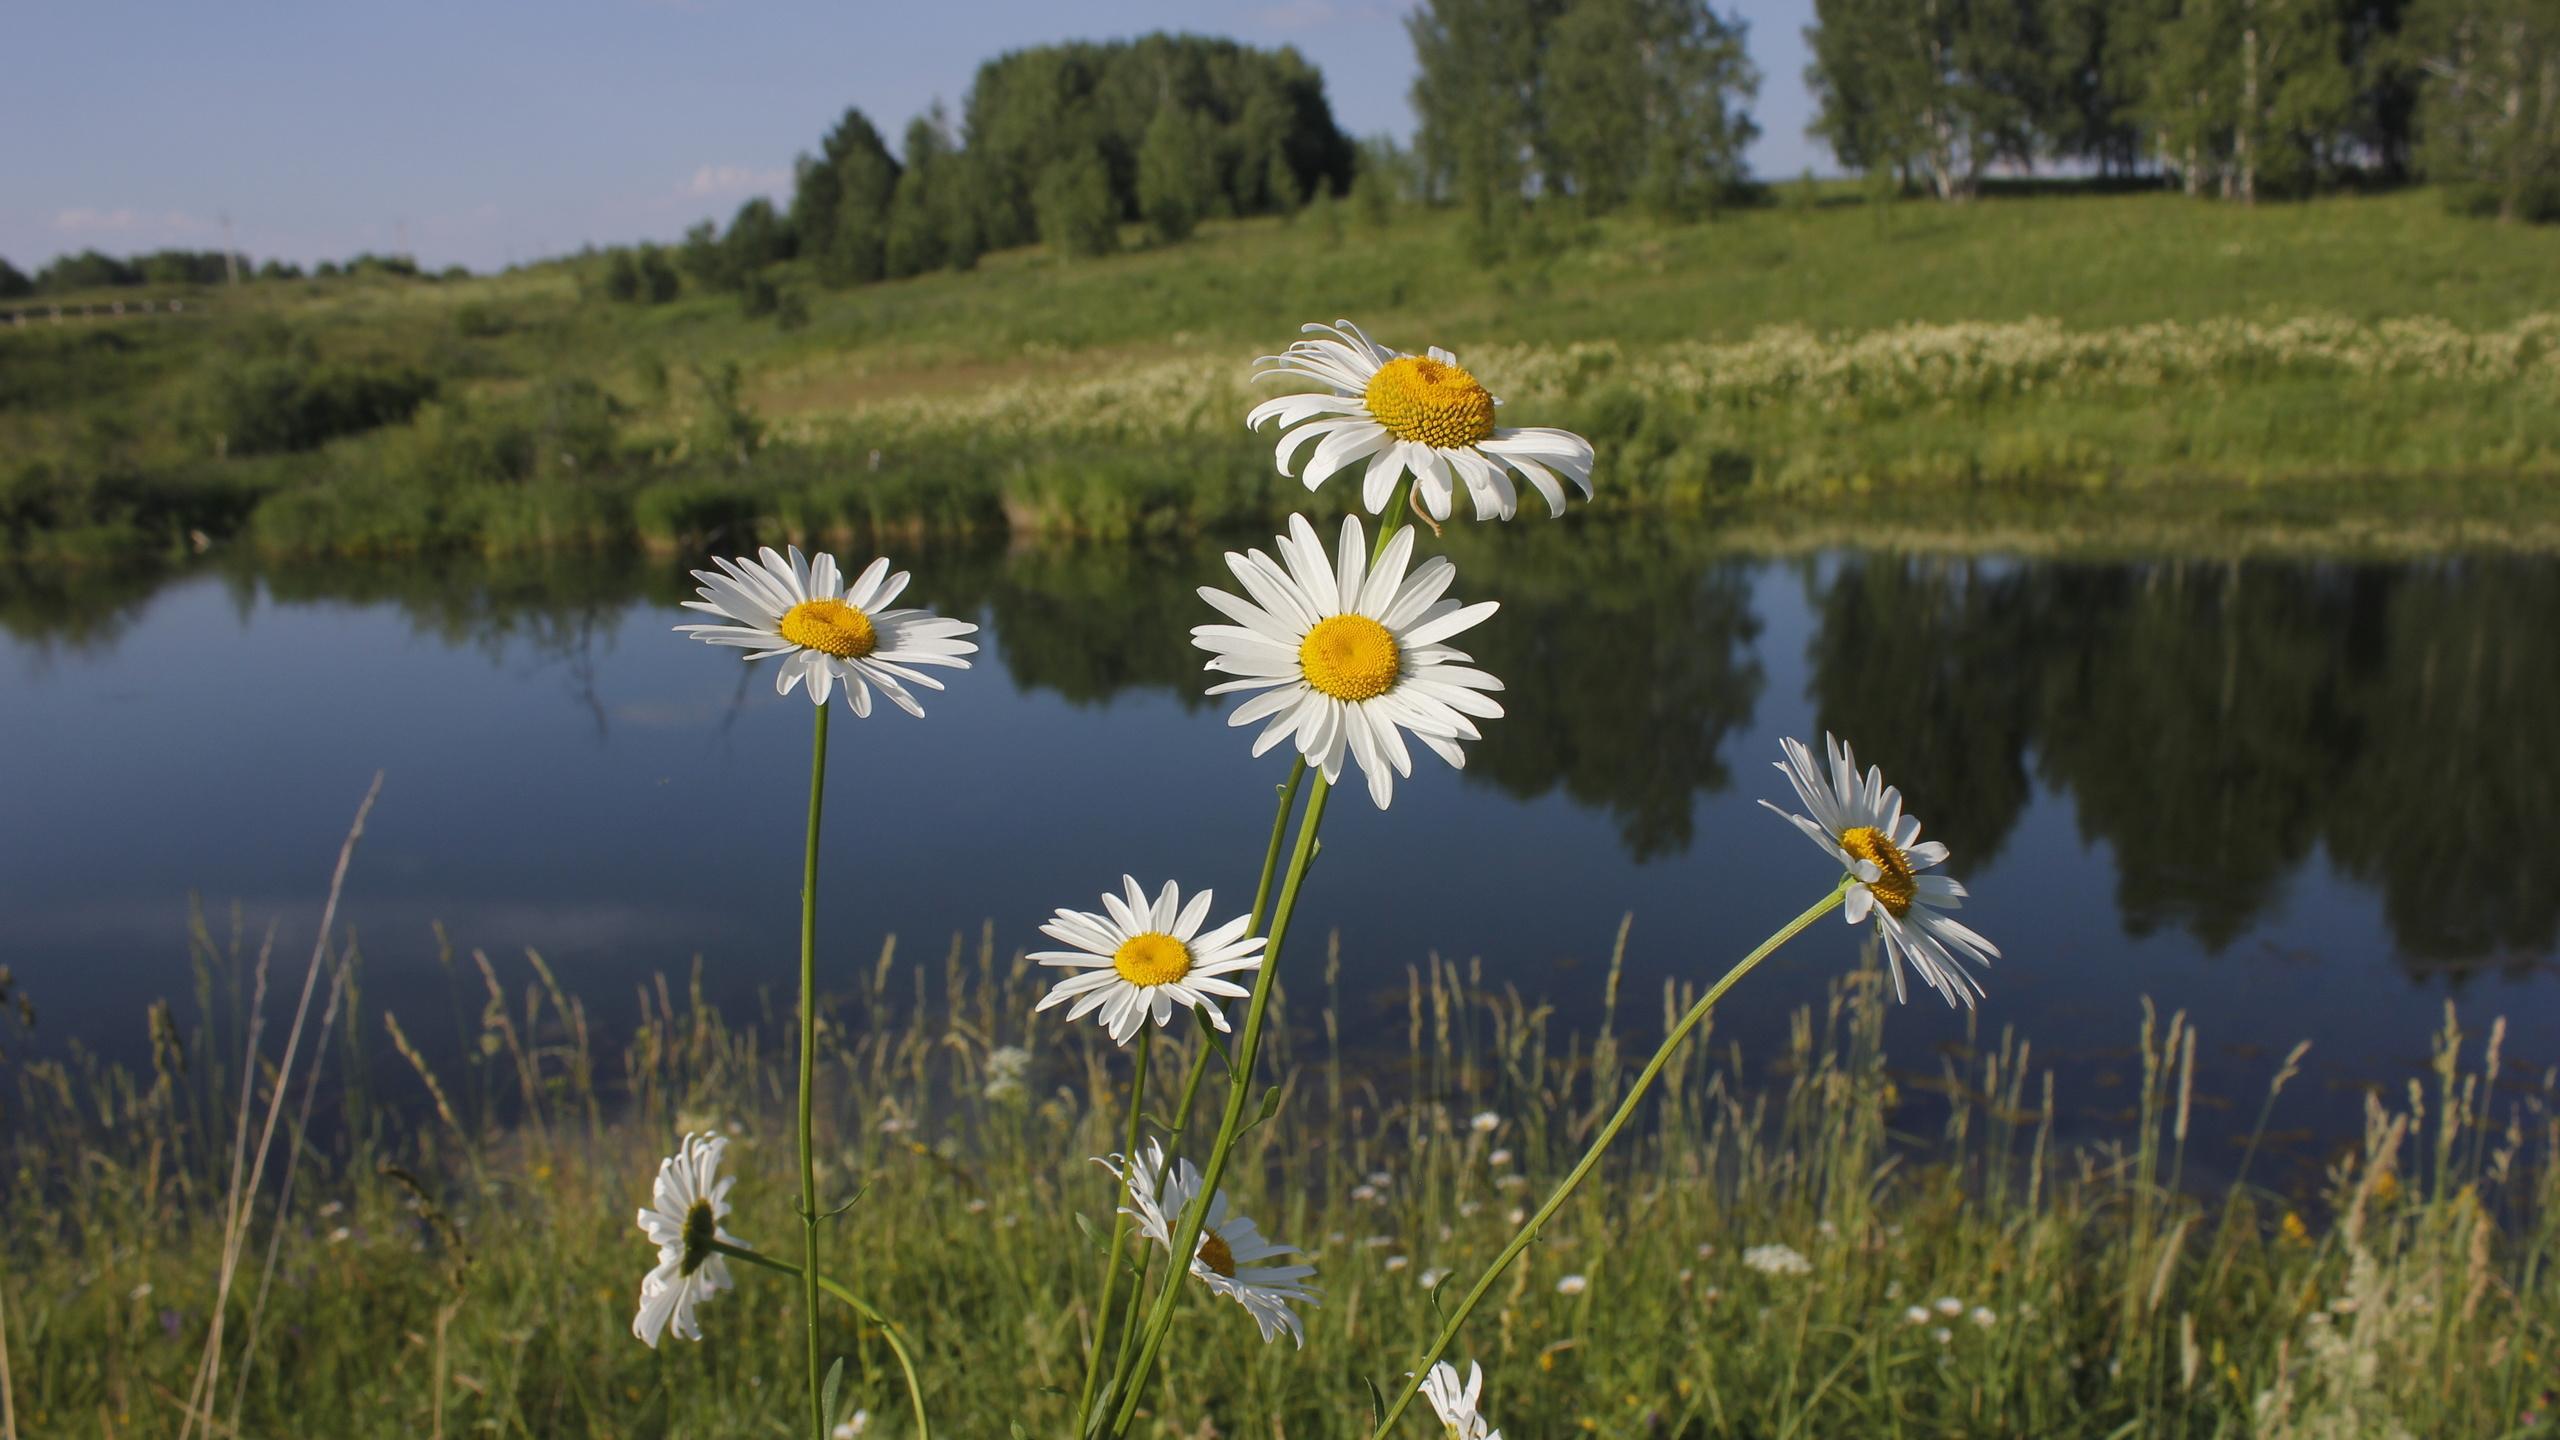 Картинки днем, картинки поля с цветами и речкой